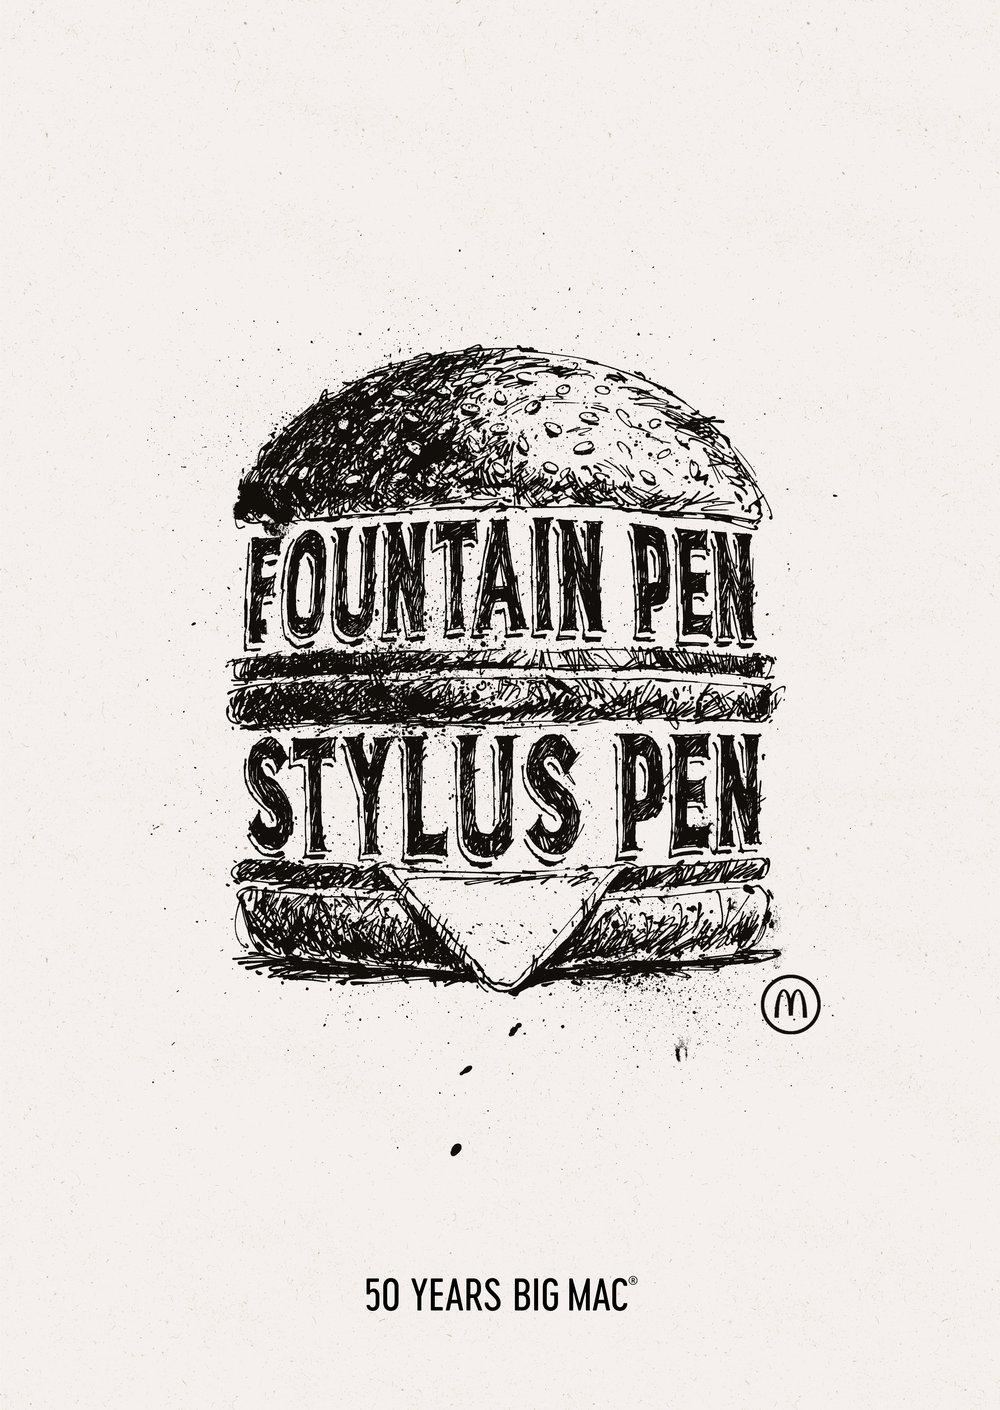 42_FountainPen:StylusPen.jpg